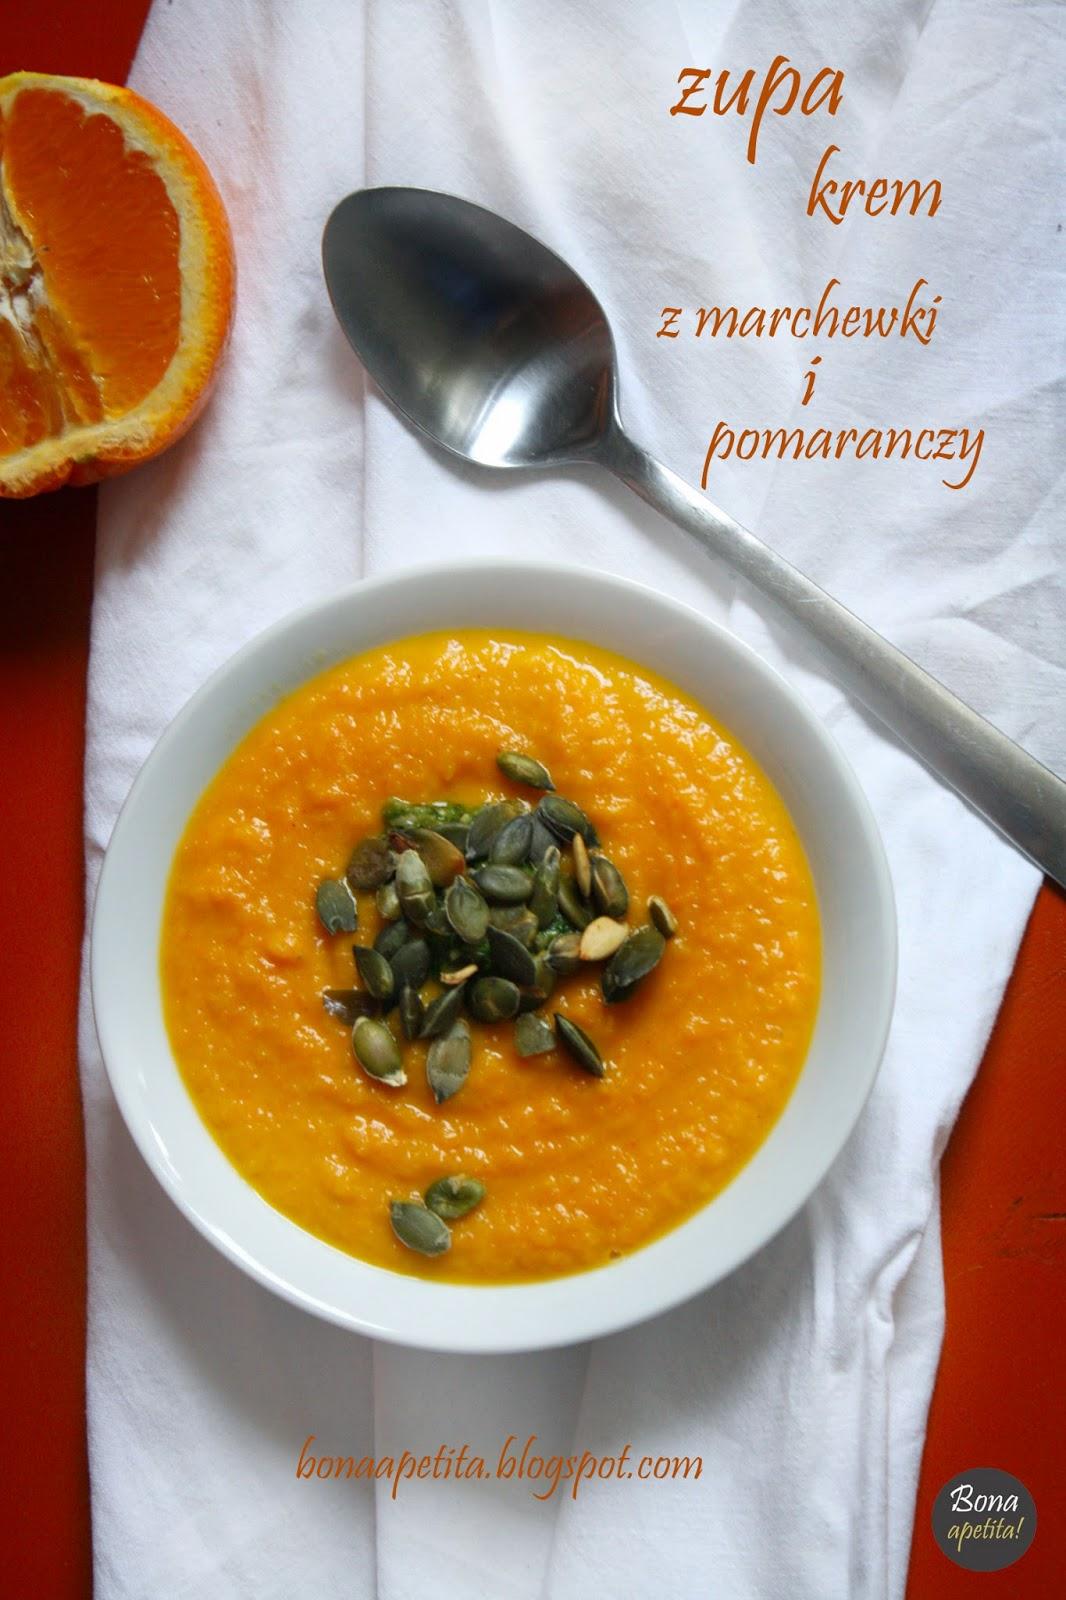 Zupa krem z marchewki z pomarańczami